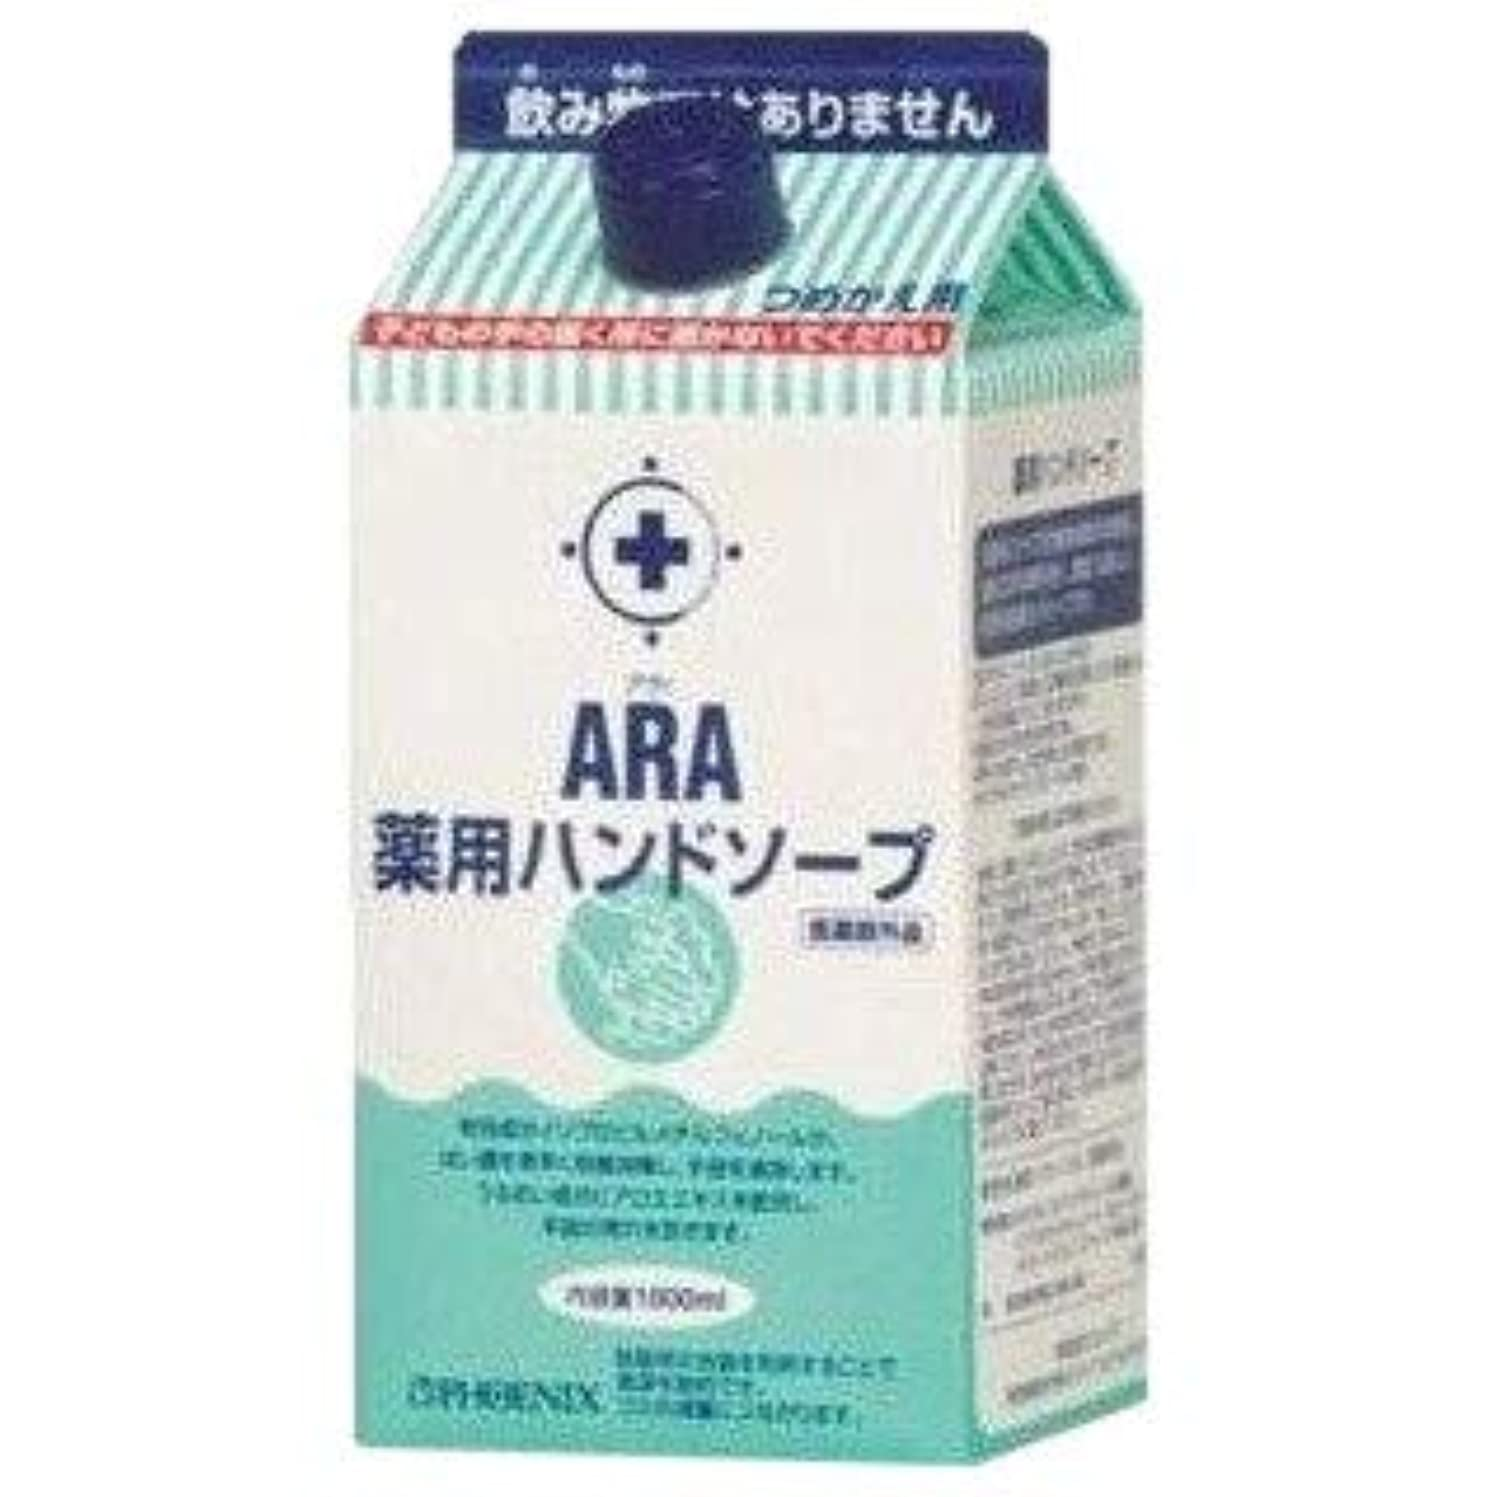 ラベルメトロポリタンラフ睡眠ARA 薬用ハンドソープ(詰め替え用) 1000ml×12入